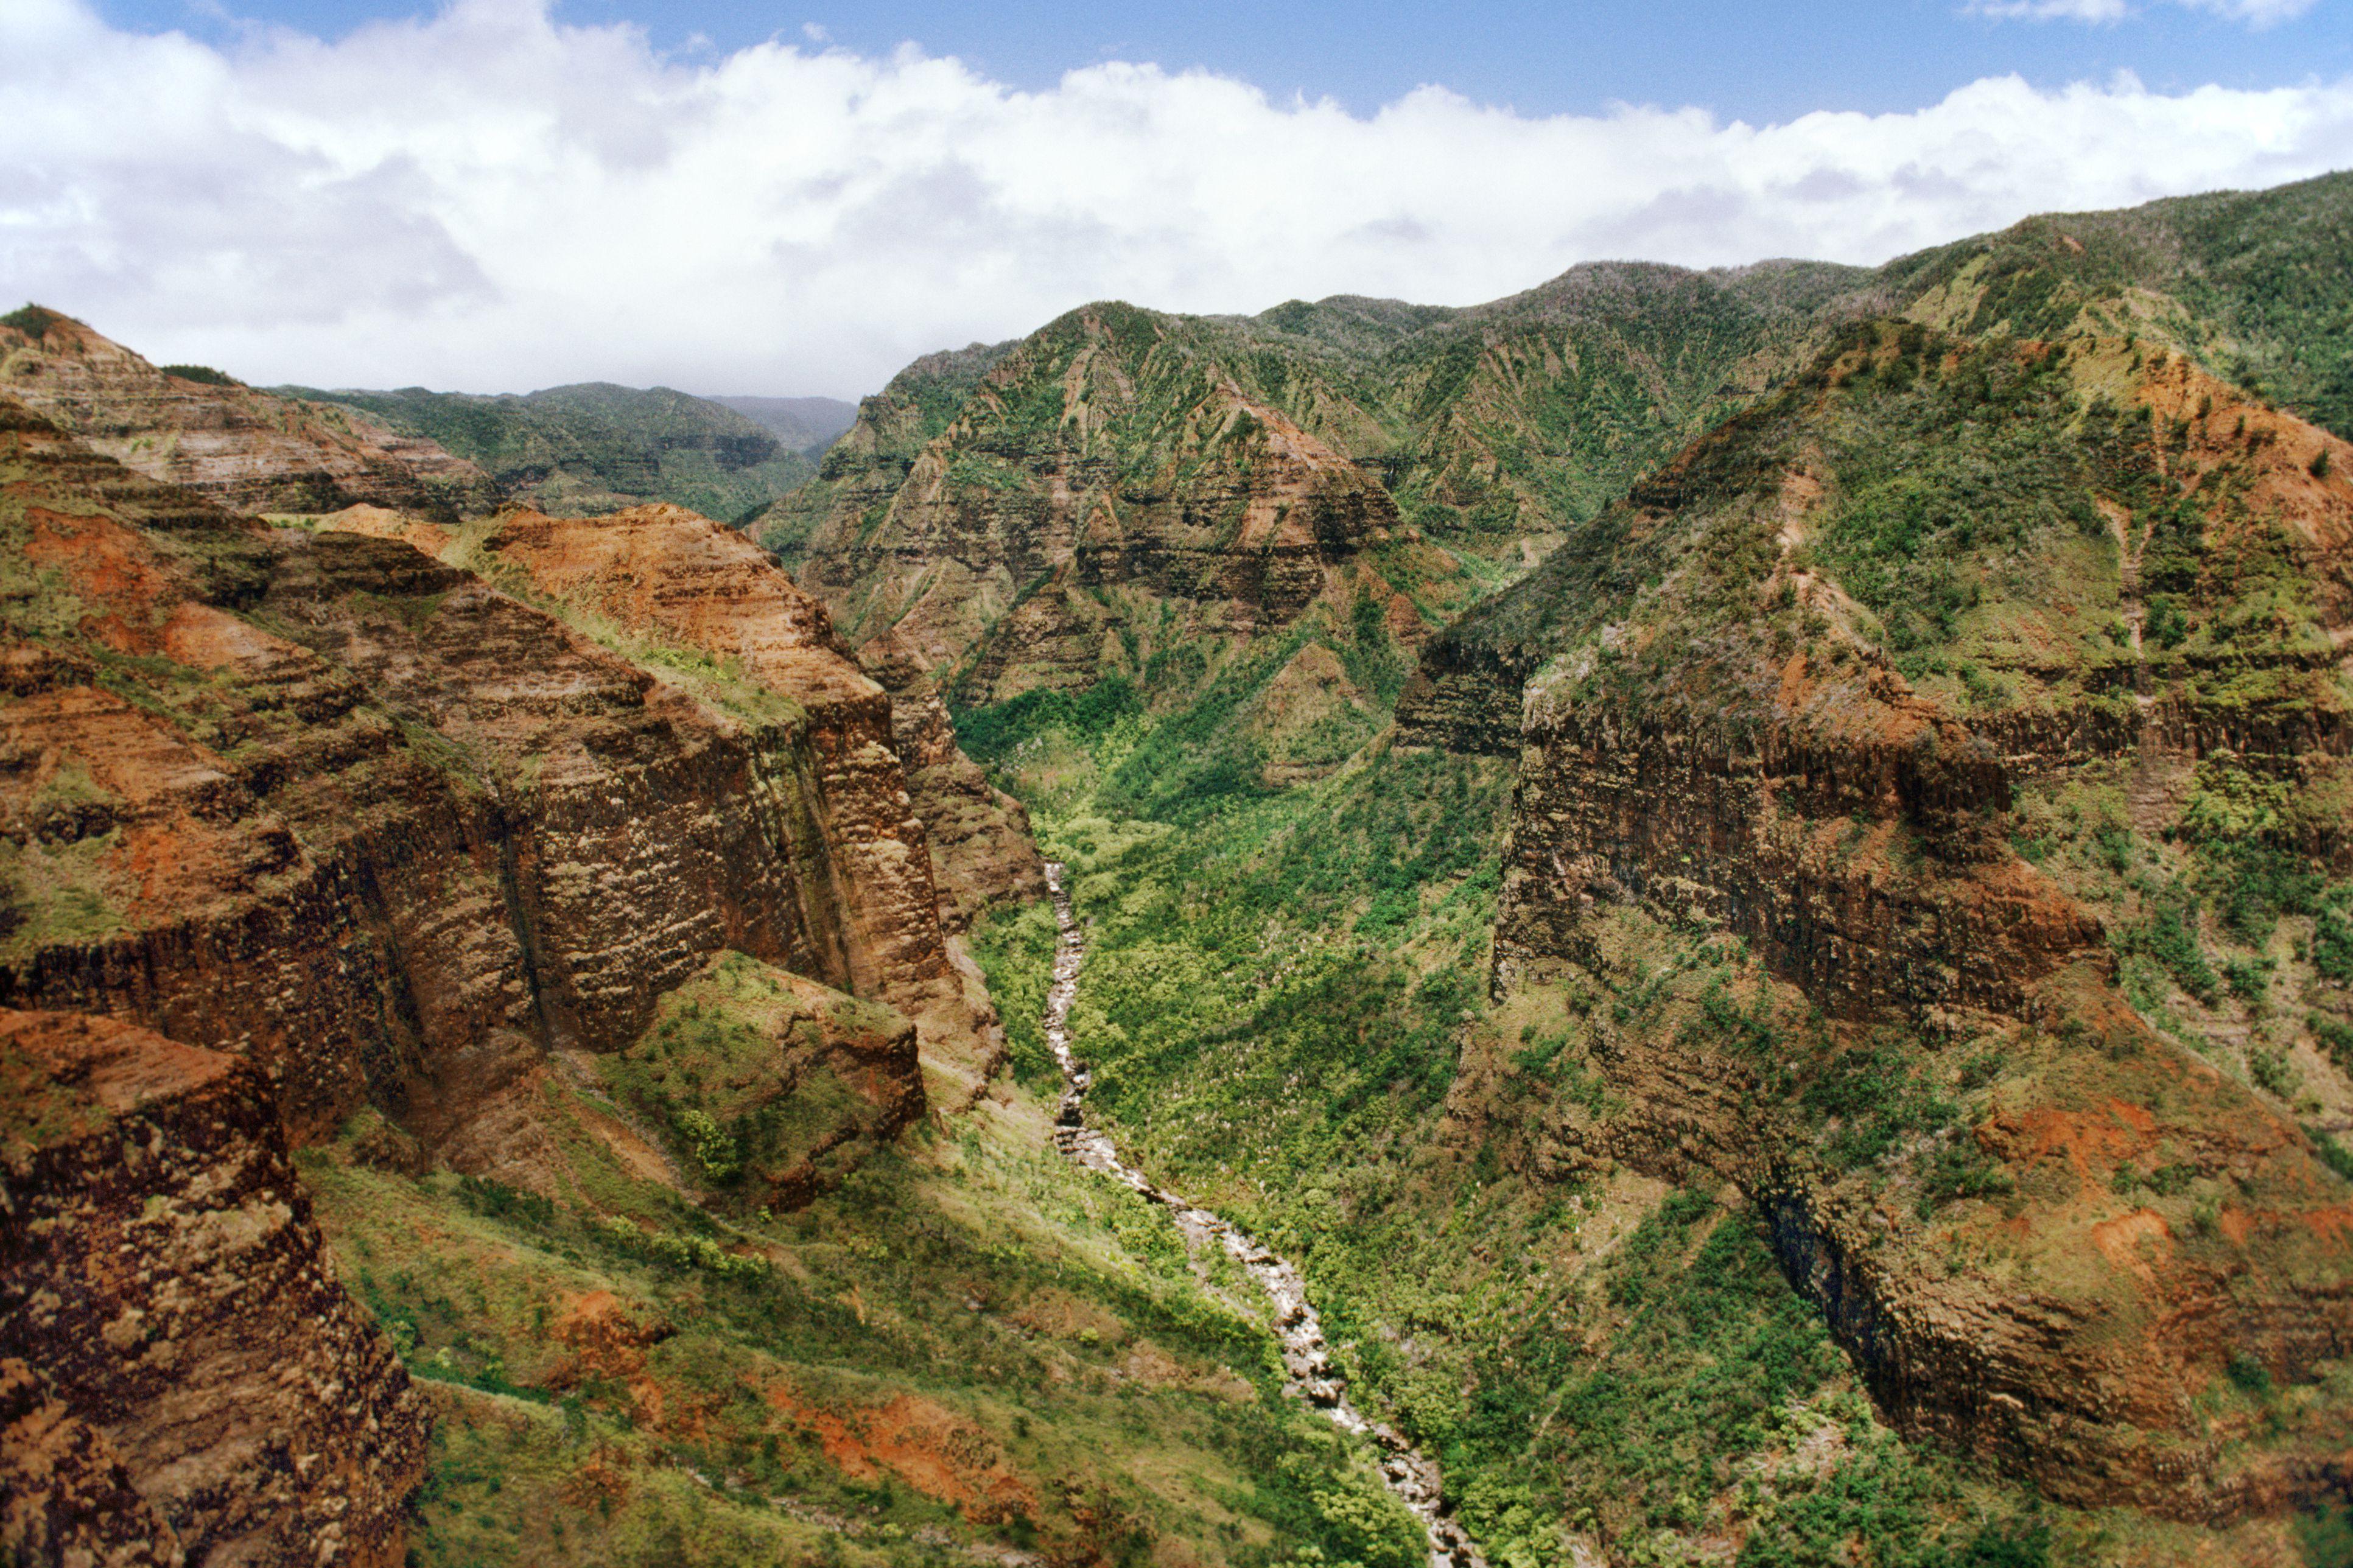 Top 14 Things to Do on the Island of Kauai